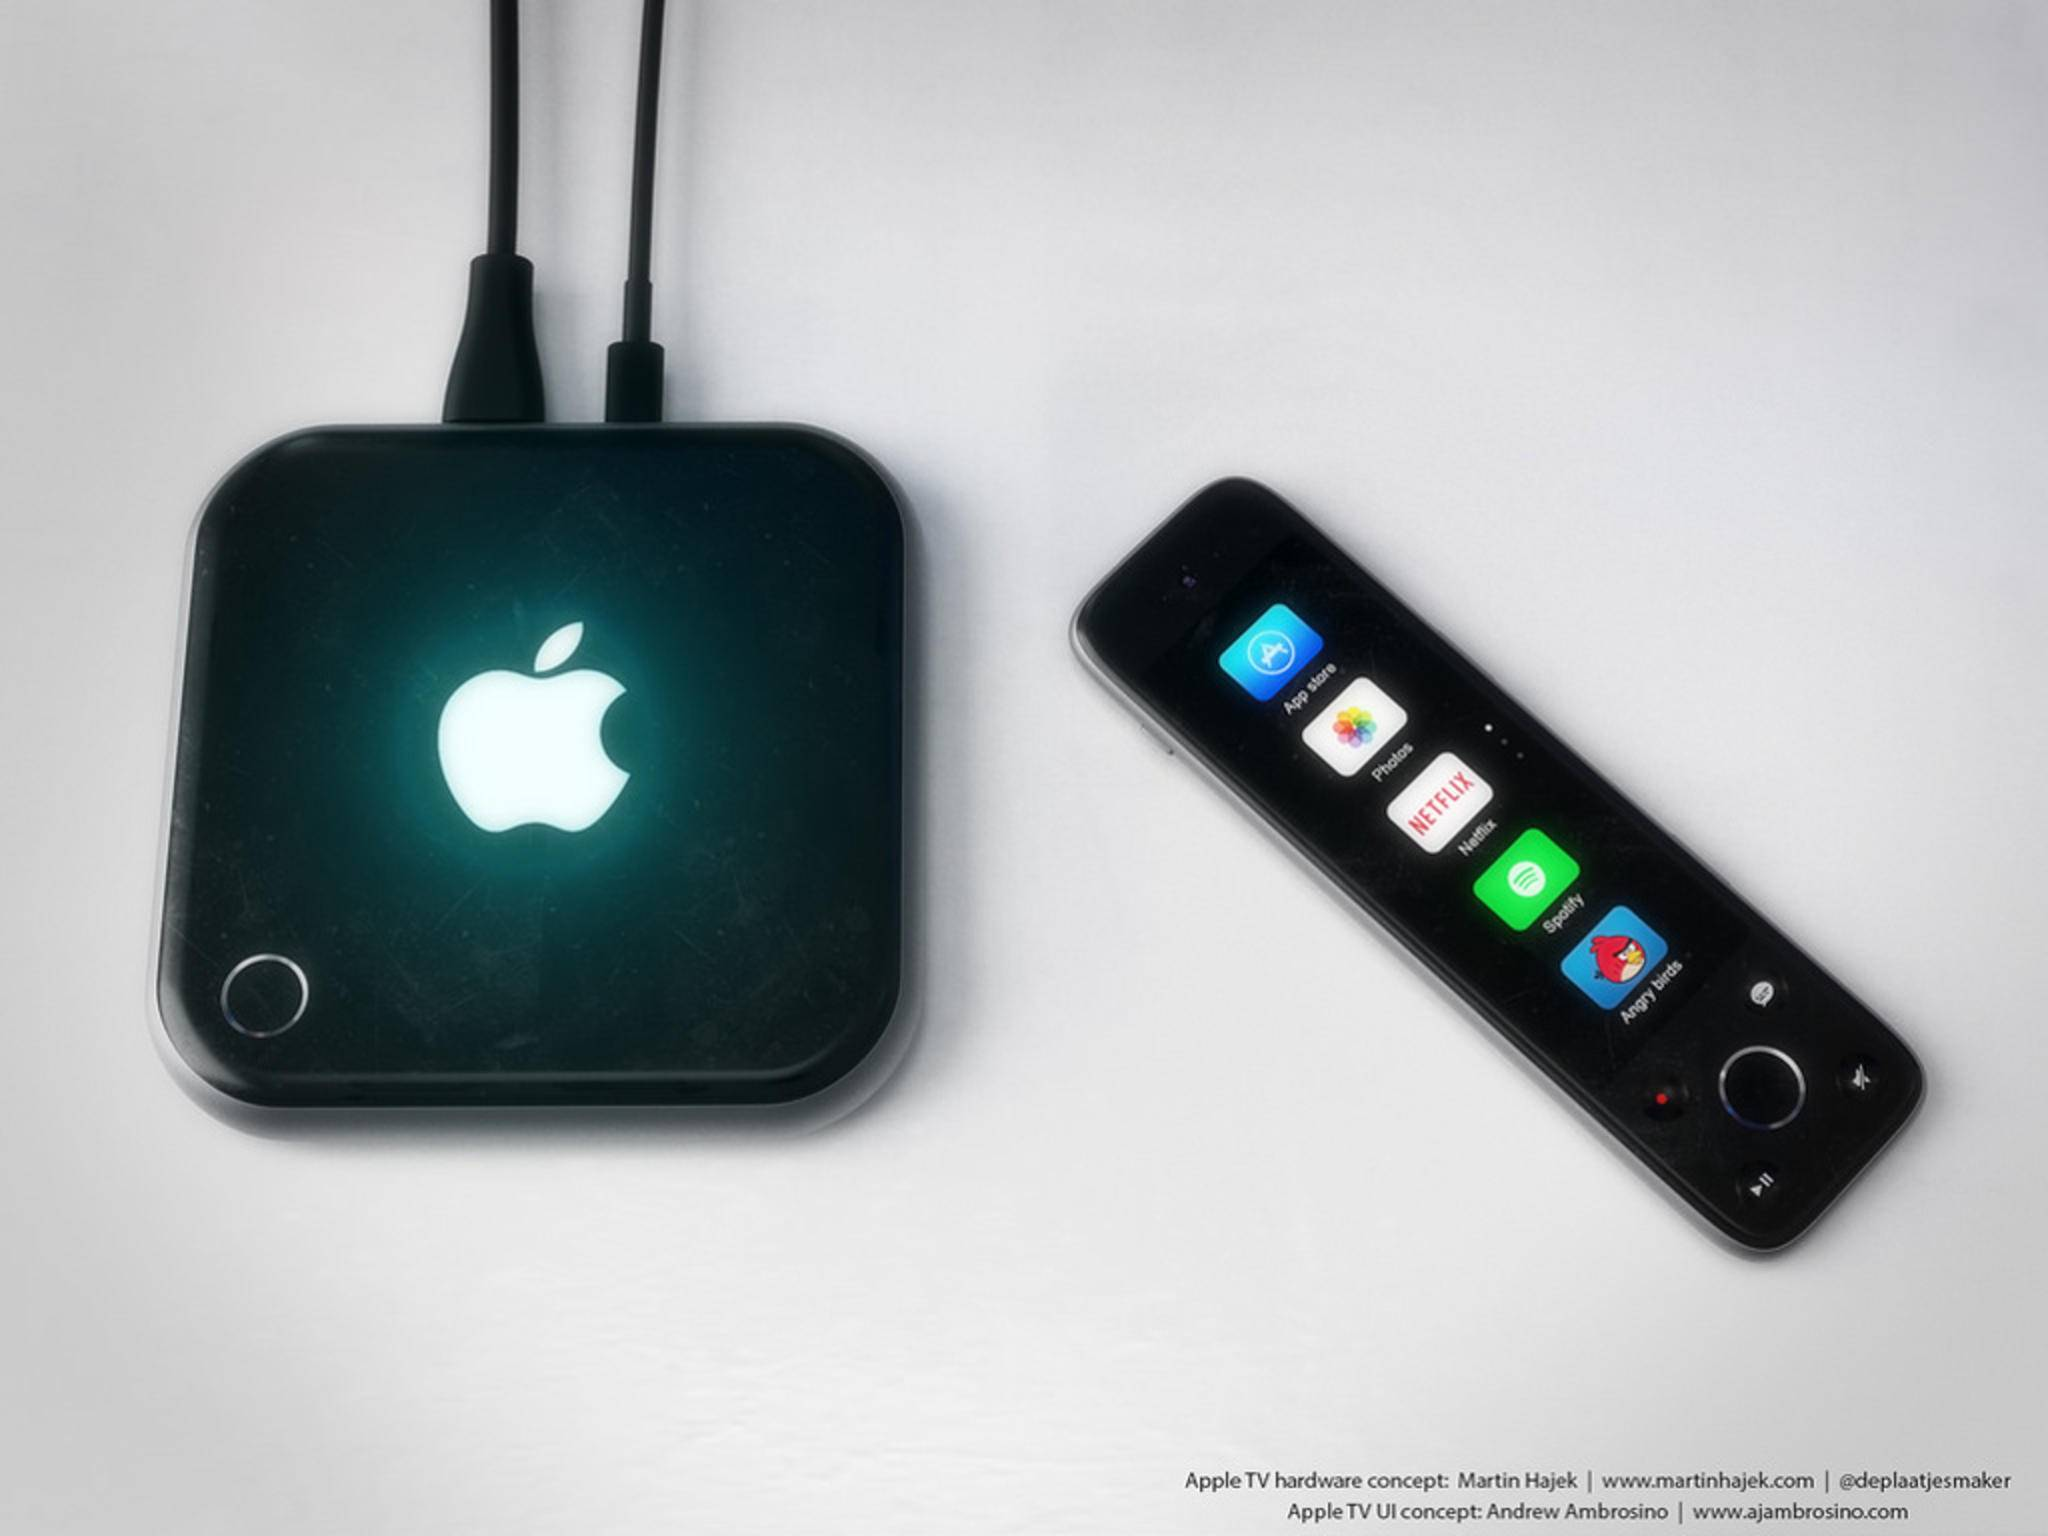 Das Apple TV 4-Konzept besticht durch eine Fernbedienung mit Touch-Display.